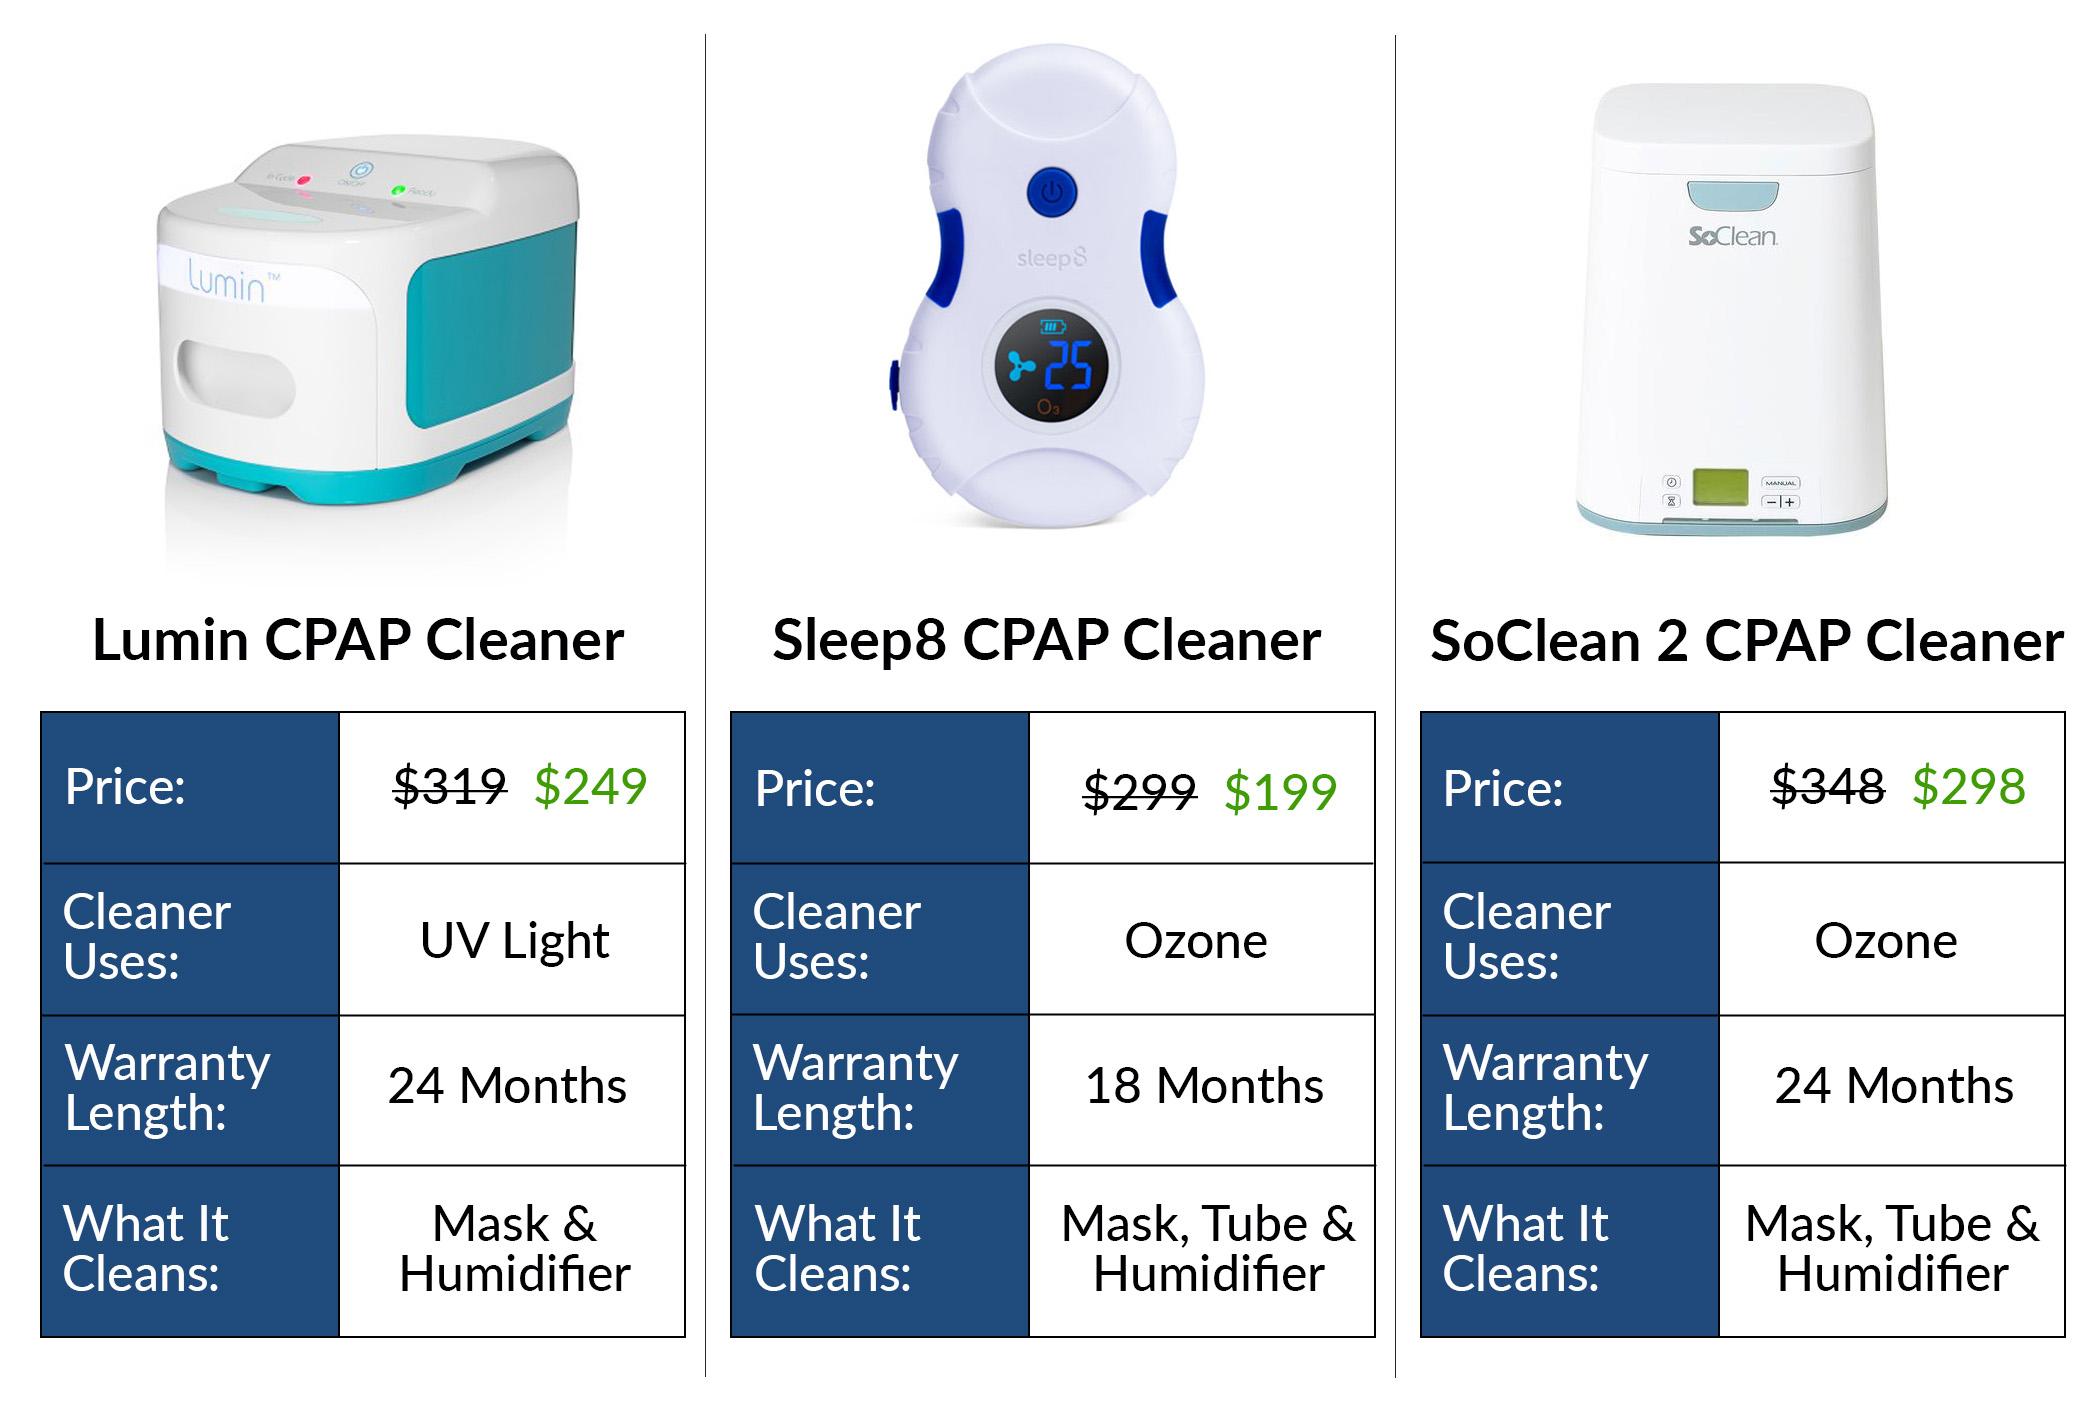 CPAP Cleaner Comparison: SoClean, Sleep8, Lumin